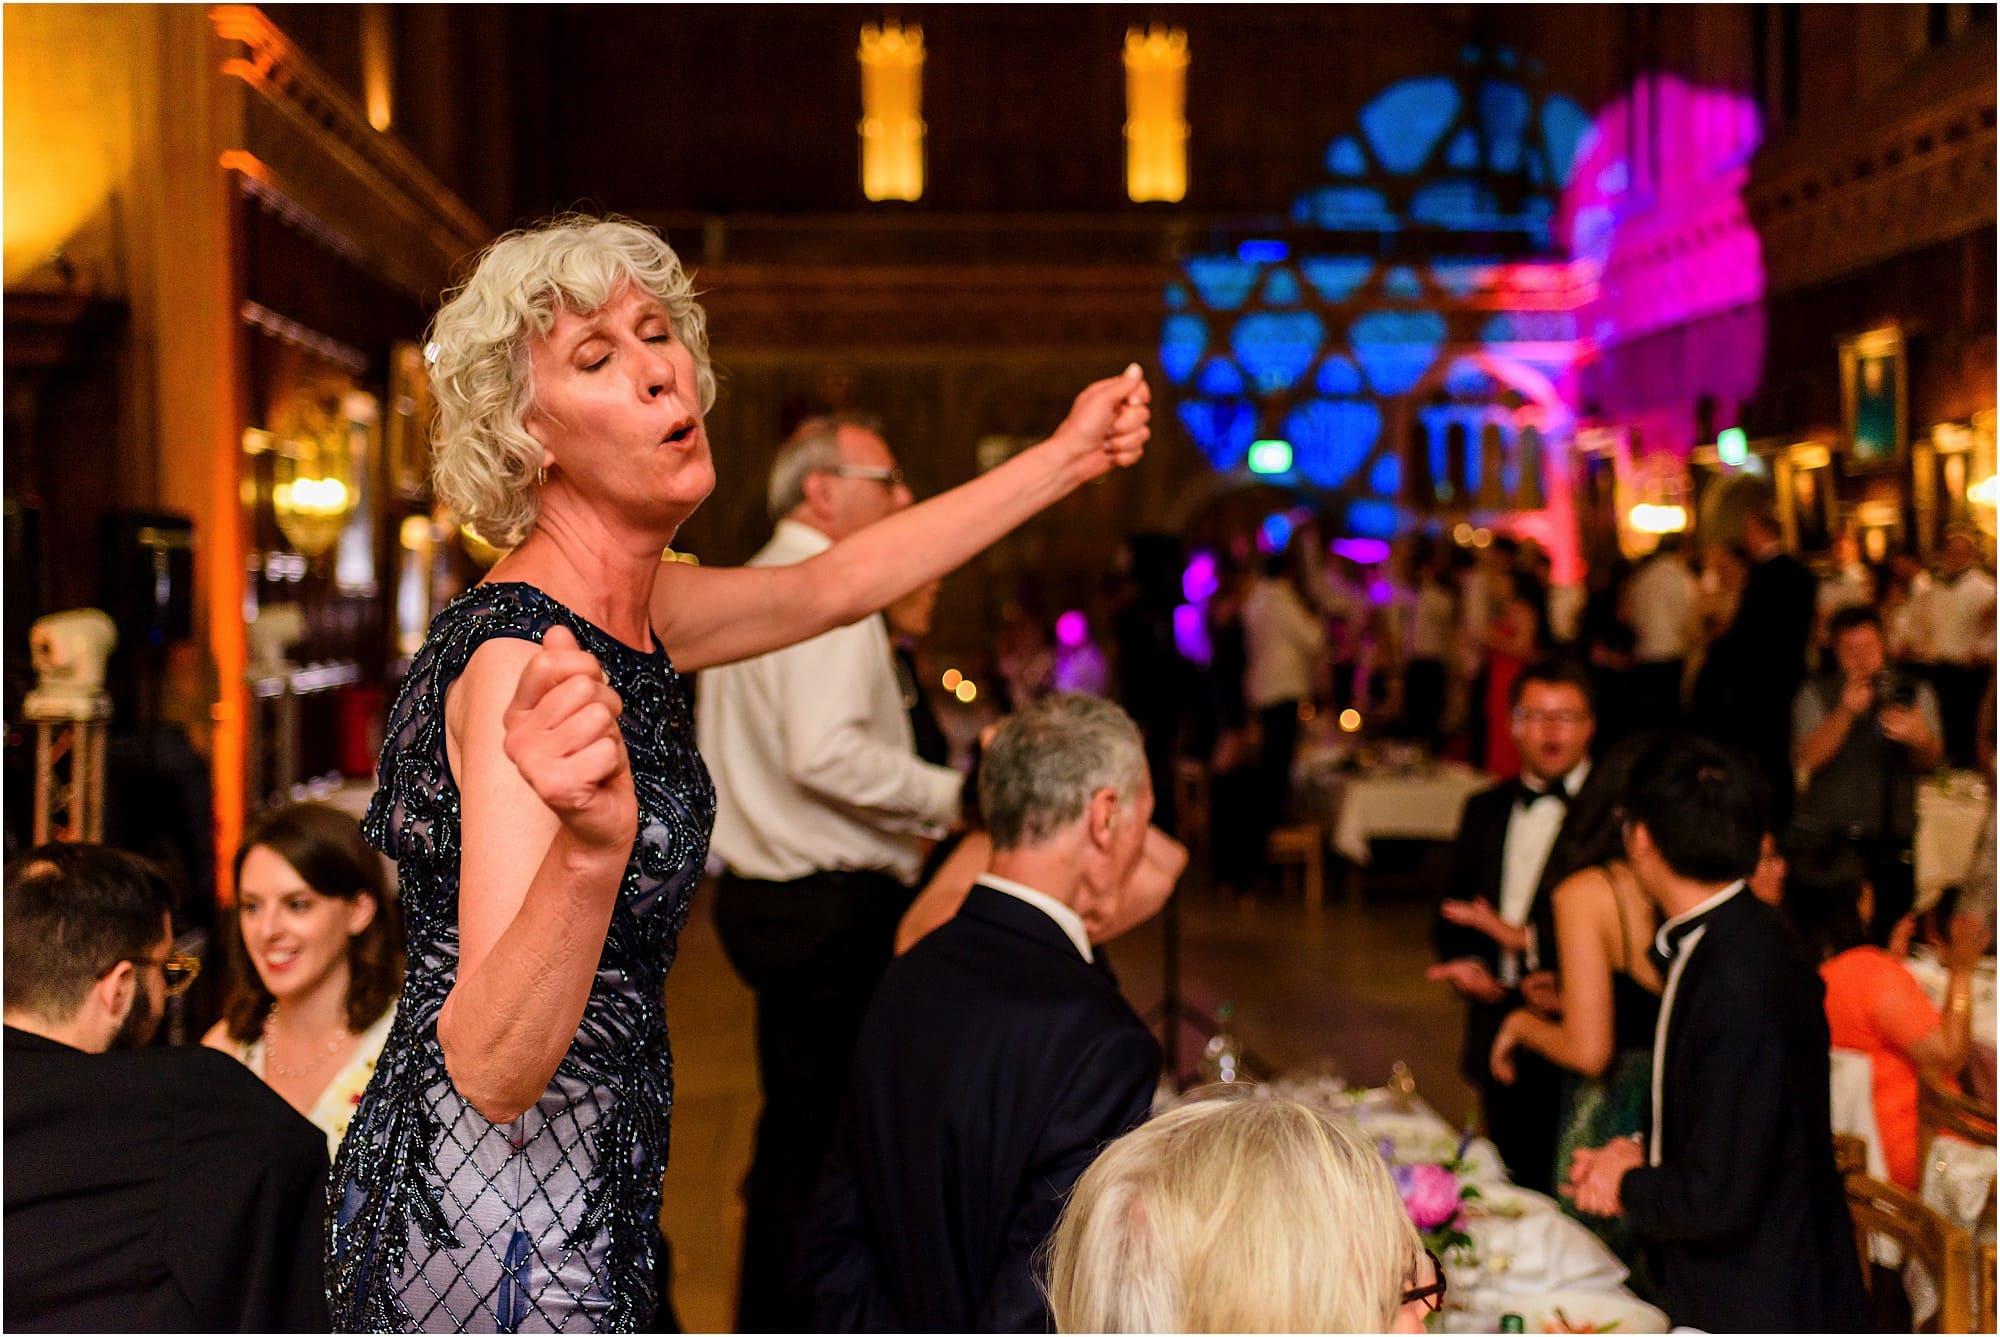 happy dancing lady